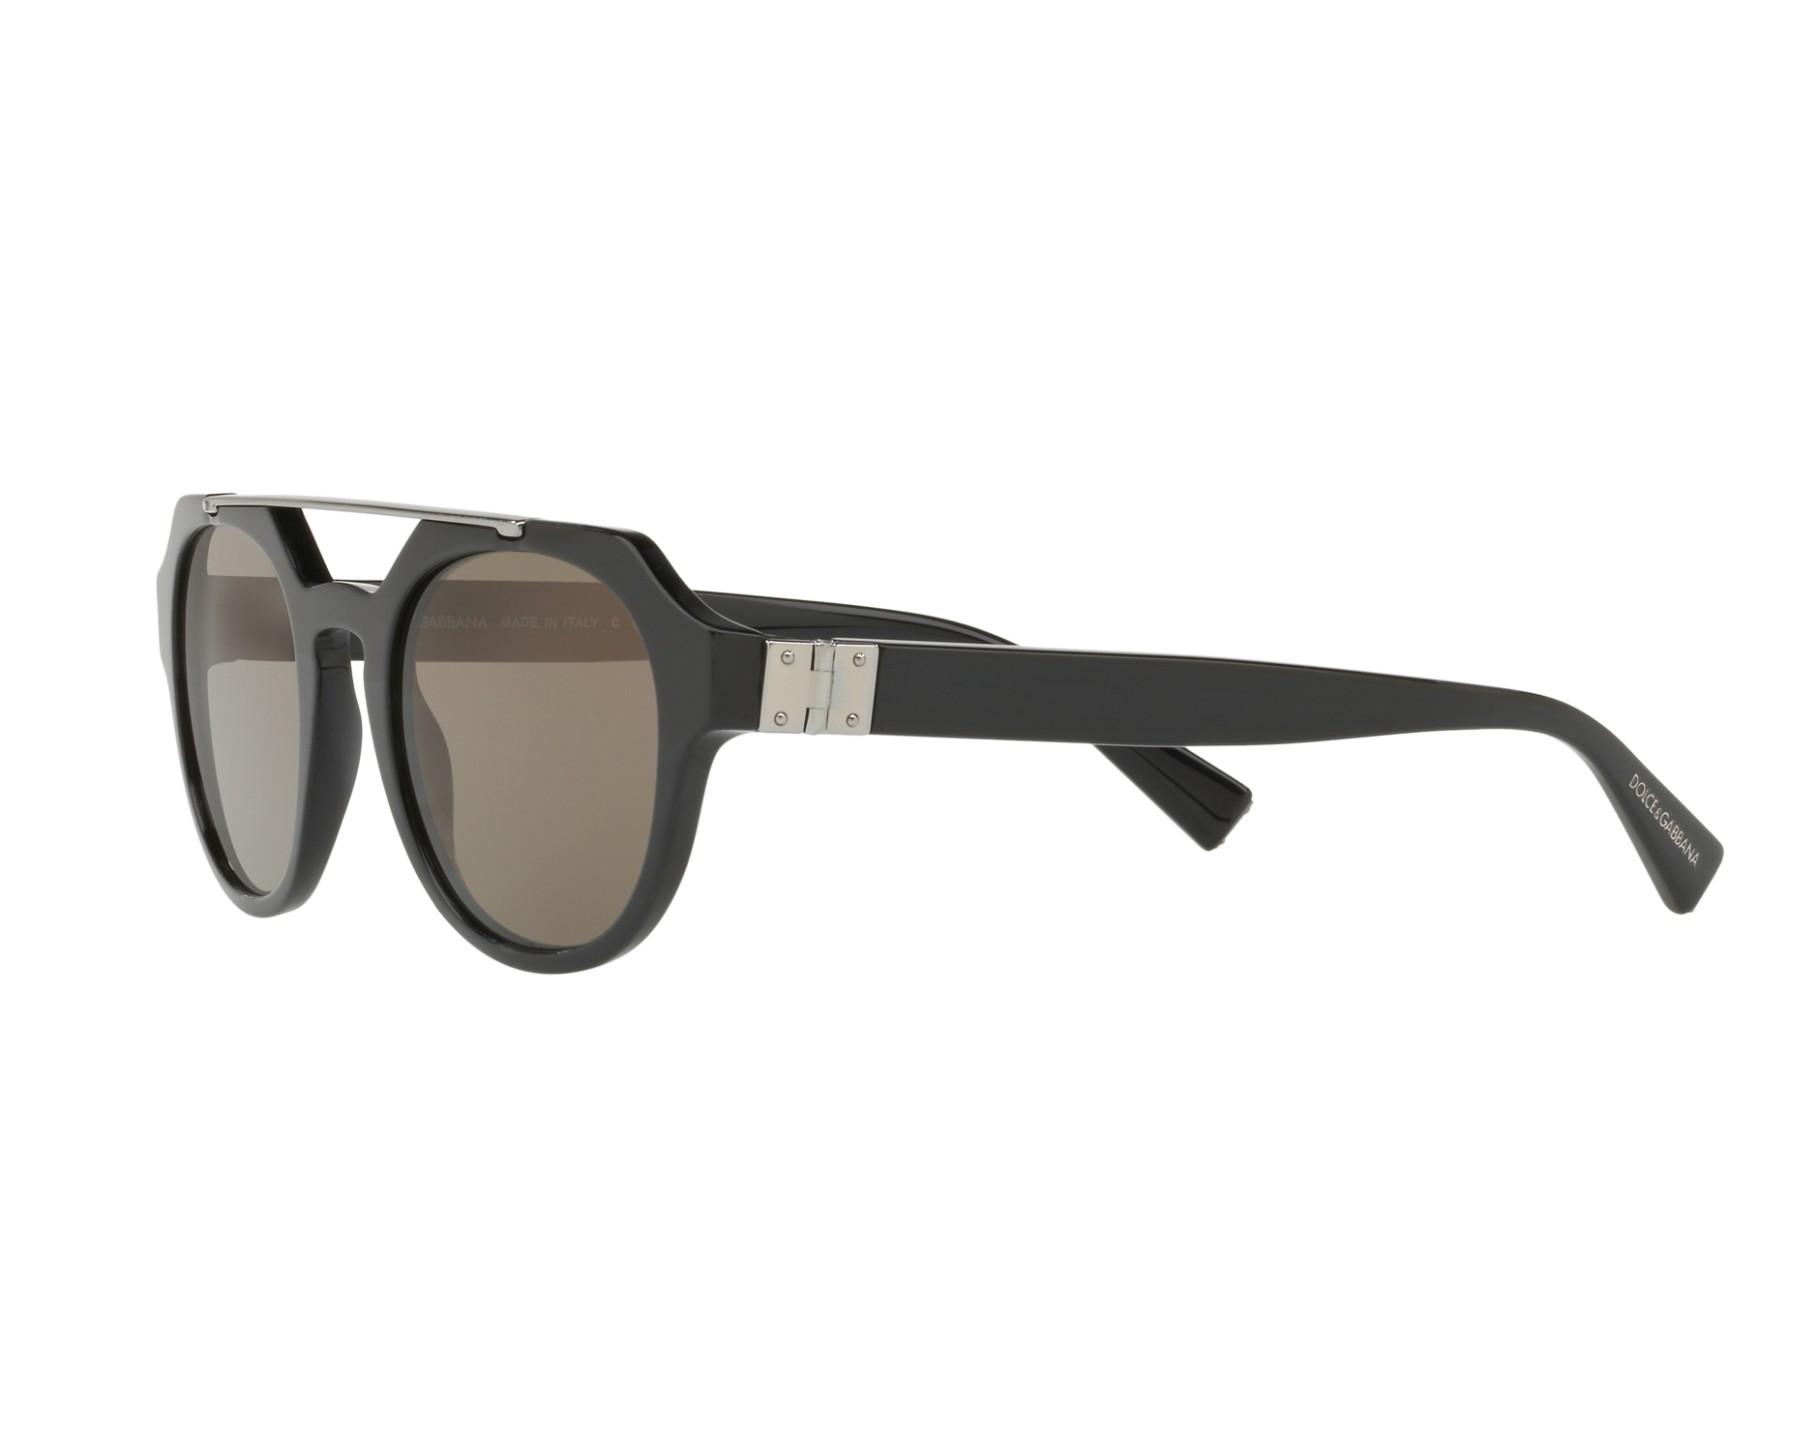 Dolce & Gabbana DG4313 501/R5 50-22 exzSpoR